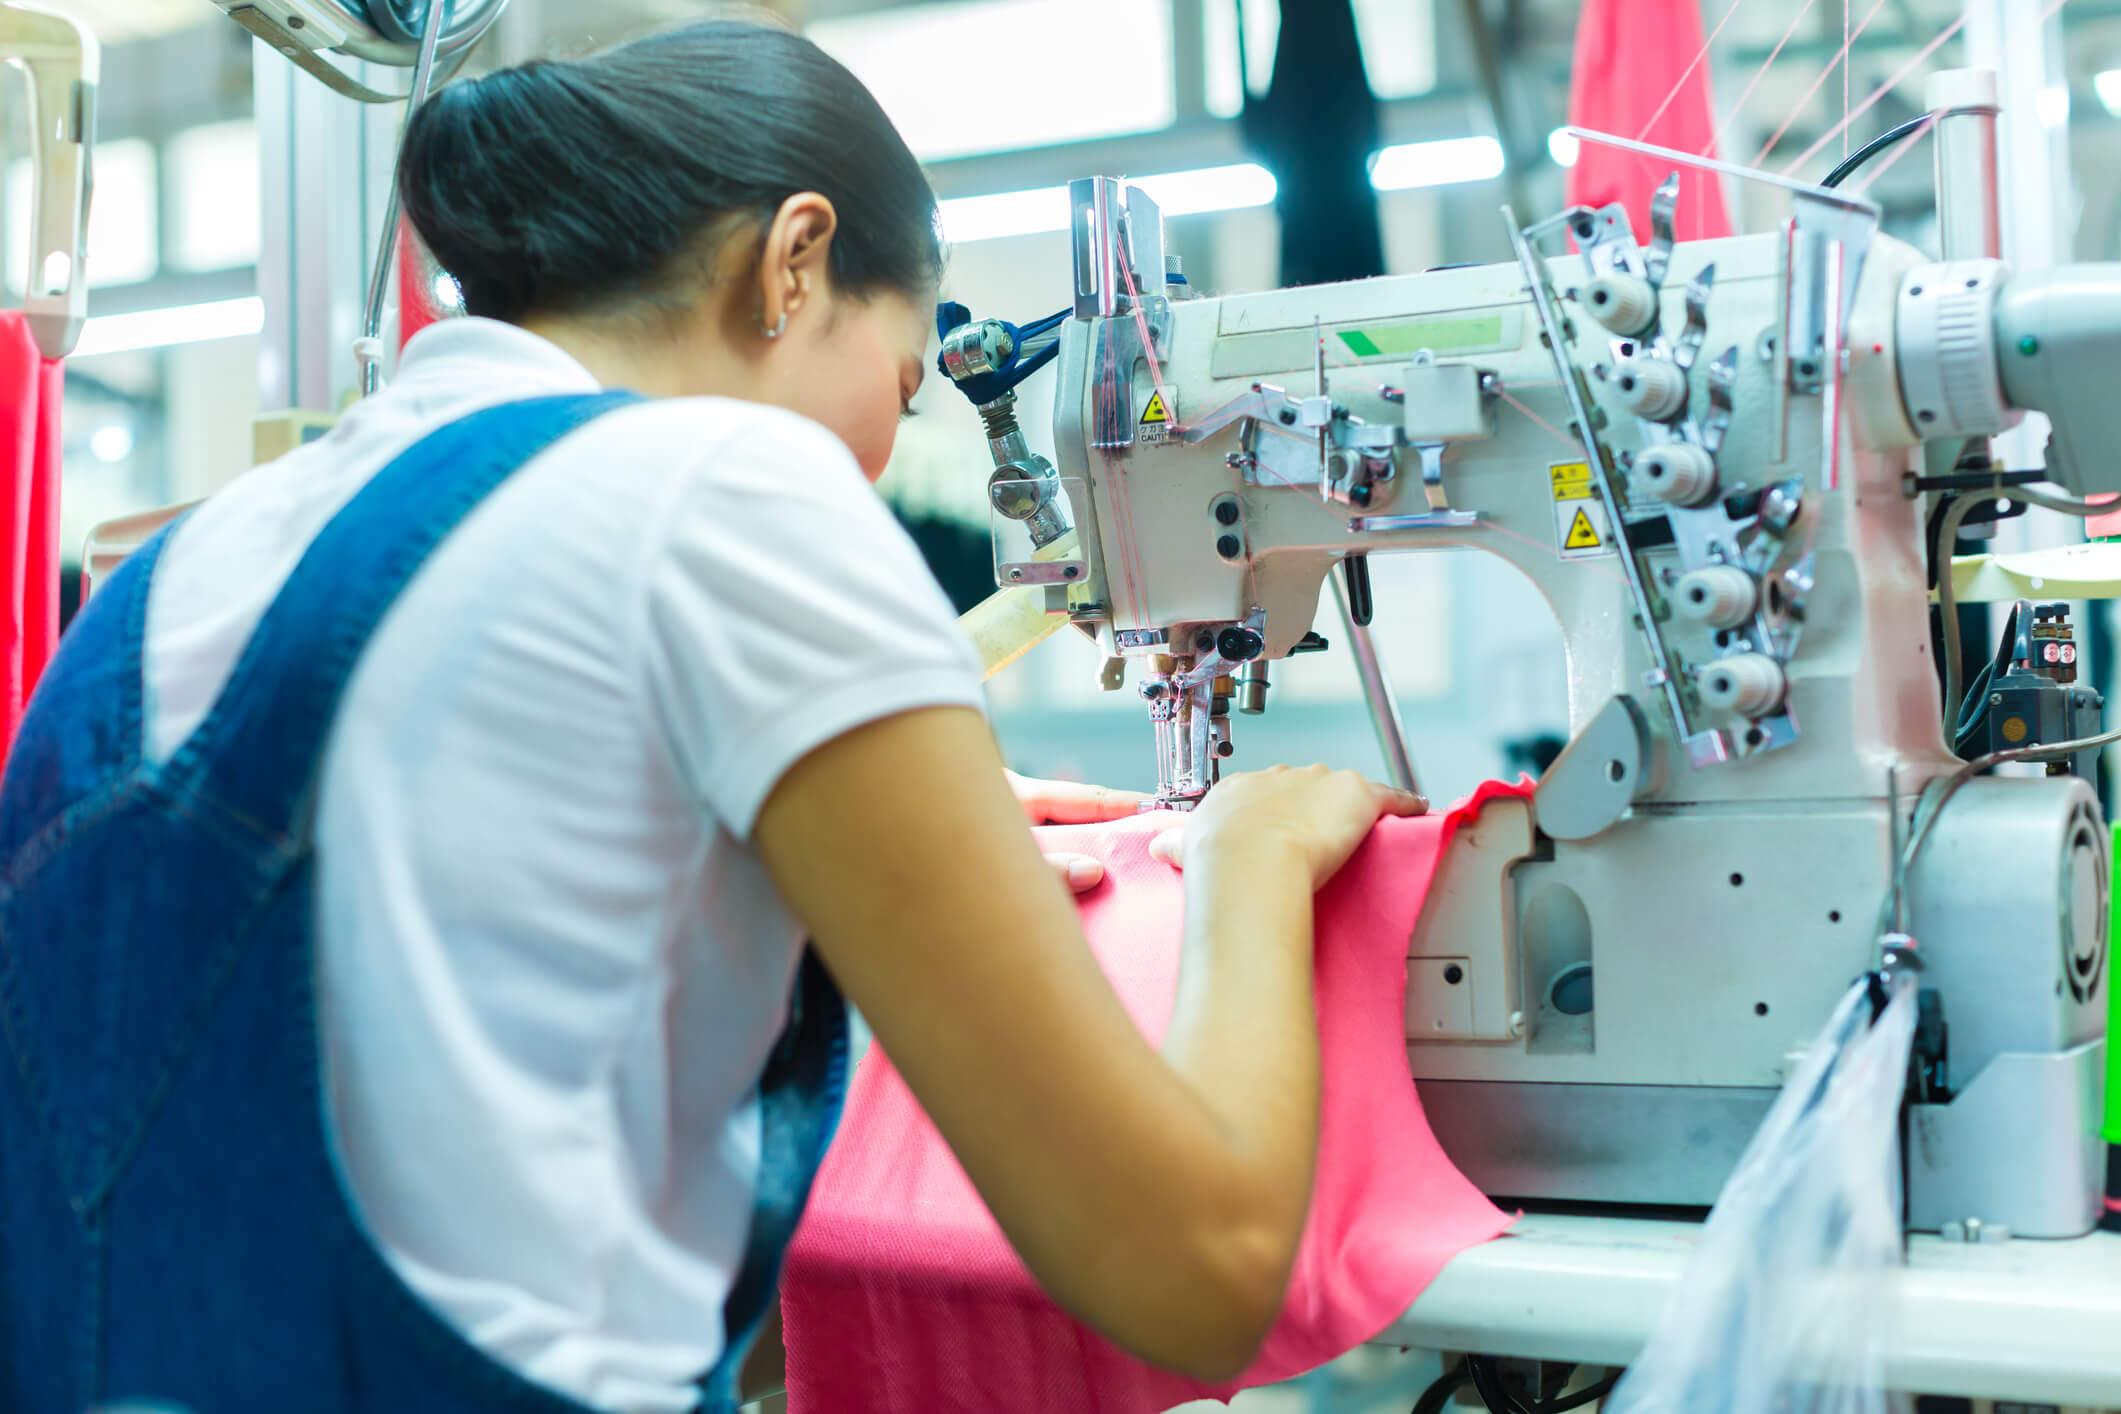 Processo produtivo da indústria têxtil: como manter a qualidade